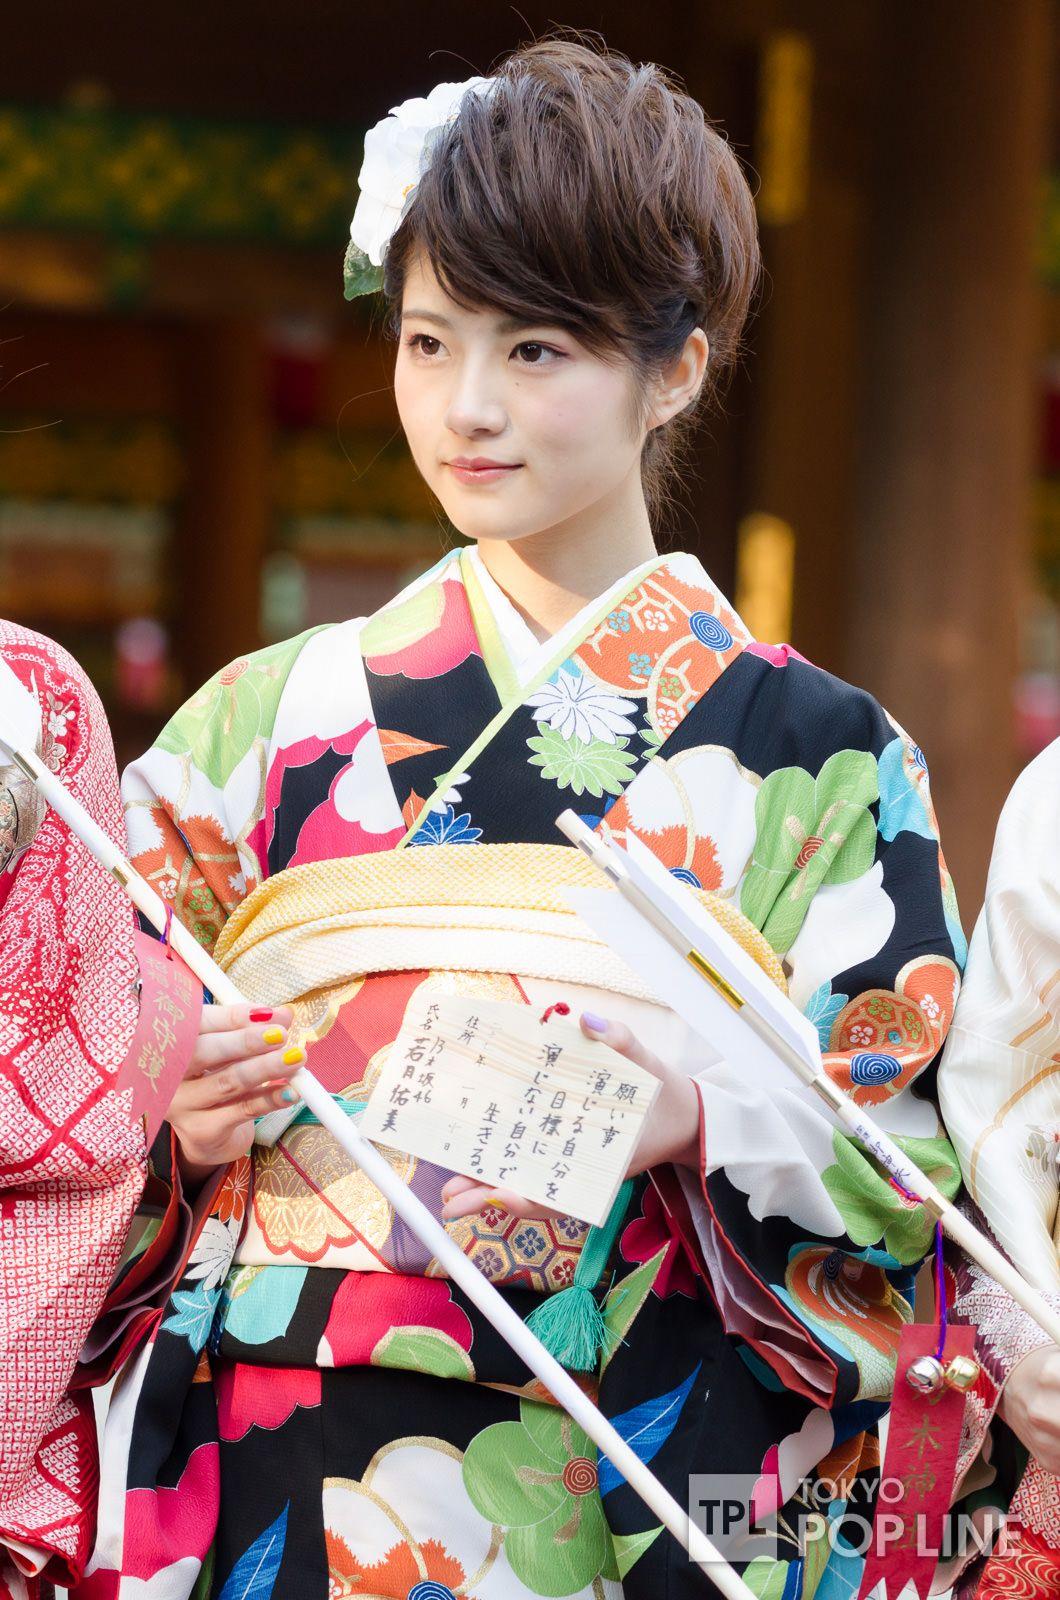 乃木坂46、新成人メンバーが乃木神社で成人式 振り袖姿を披露